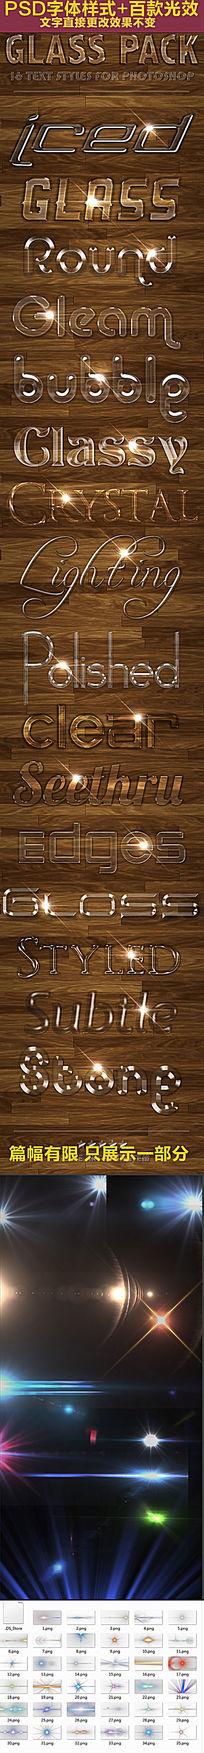 光效合集和玻璃透明质感PS字体样式